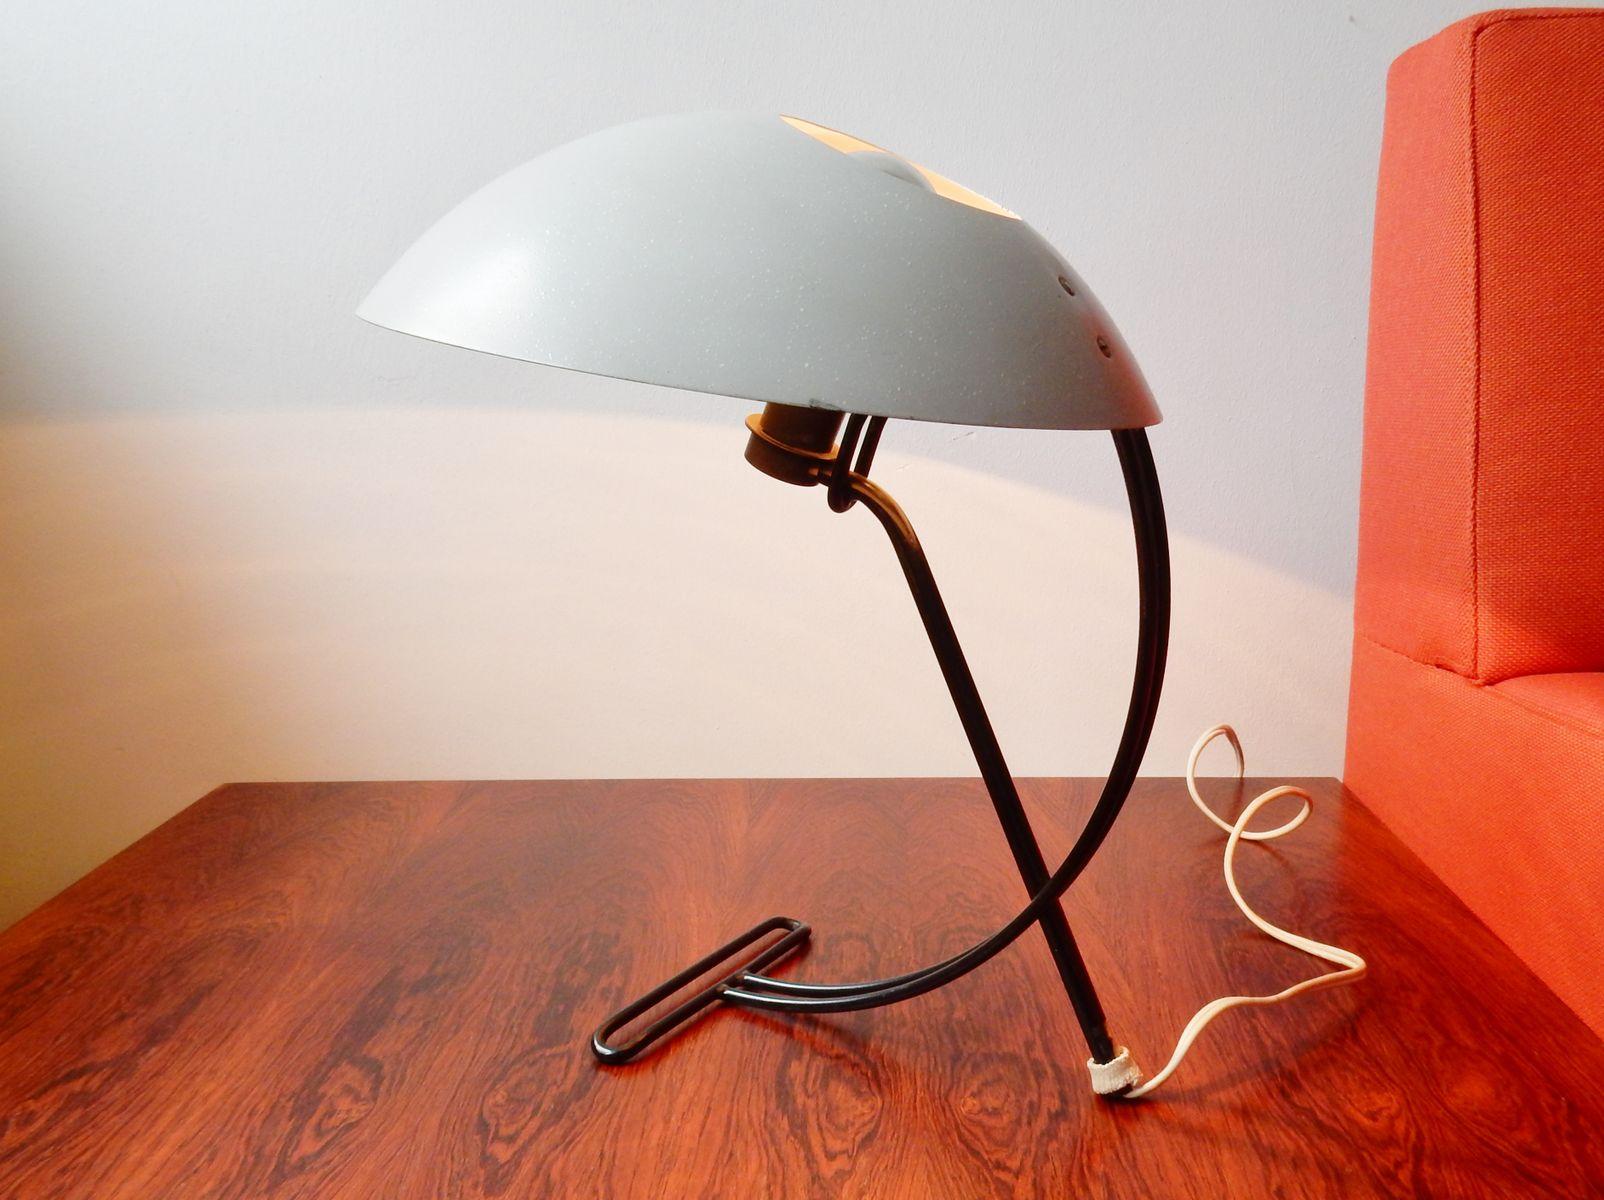 lampe de table nb100 mid centrury par louis kalff pour philips en vente sur pamono. Black Bedroom Furniture Sets. Home Design Ideas